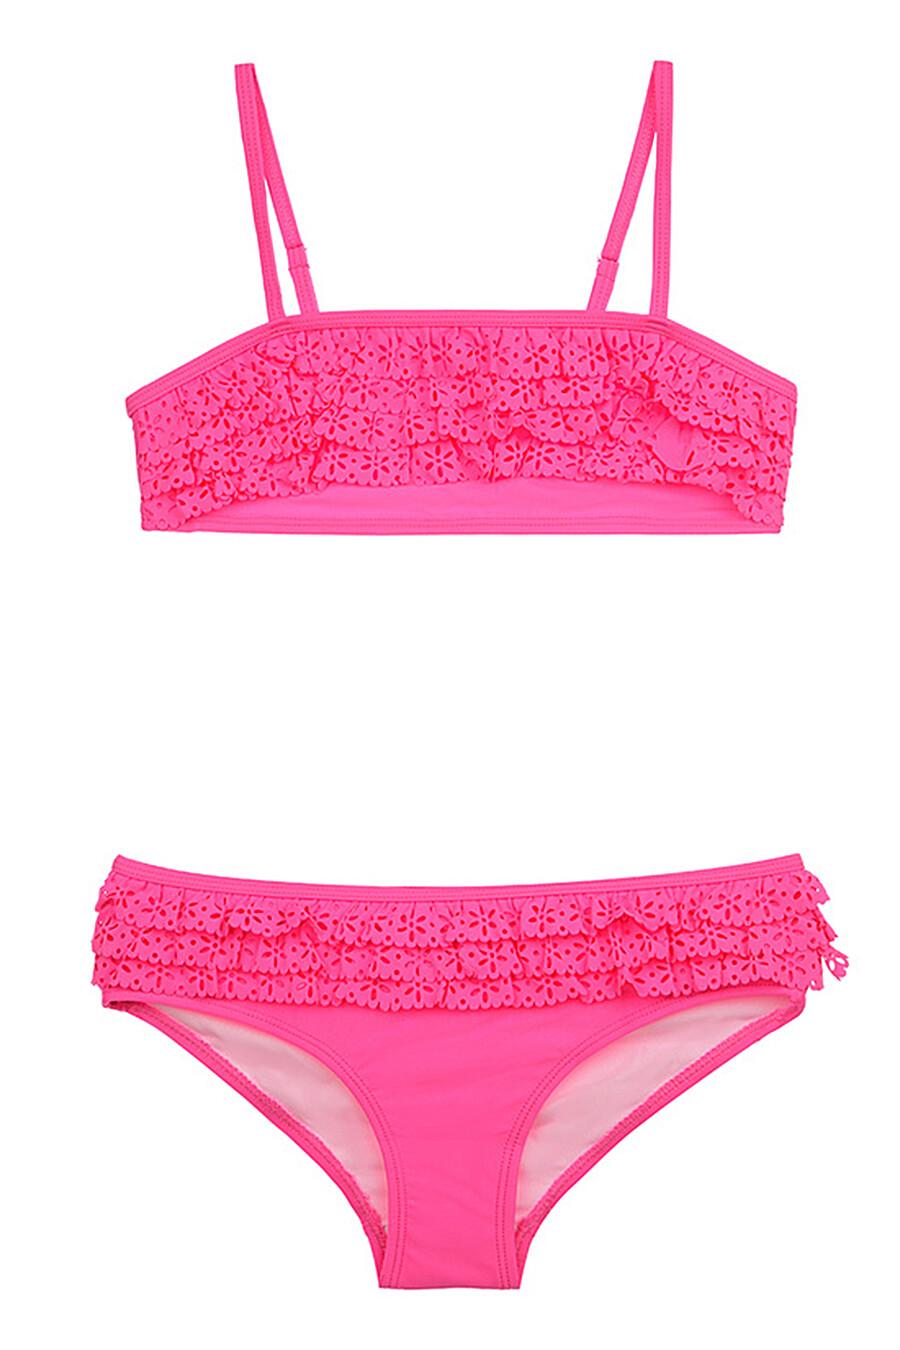 Купальник для девочек PLAYTODAY 649468 купить оптом от производителя. Совместная покупка детской одежды в OptMoyo